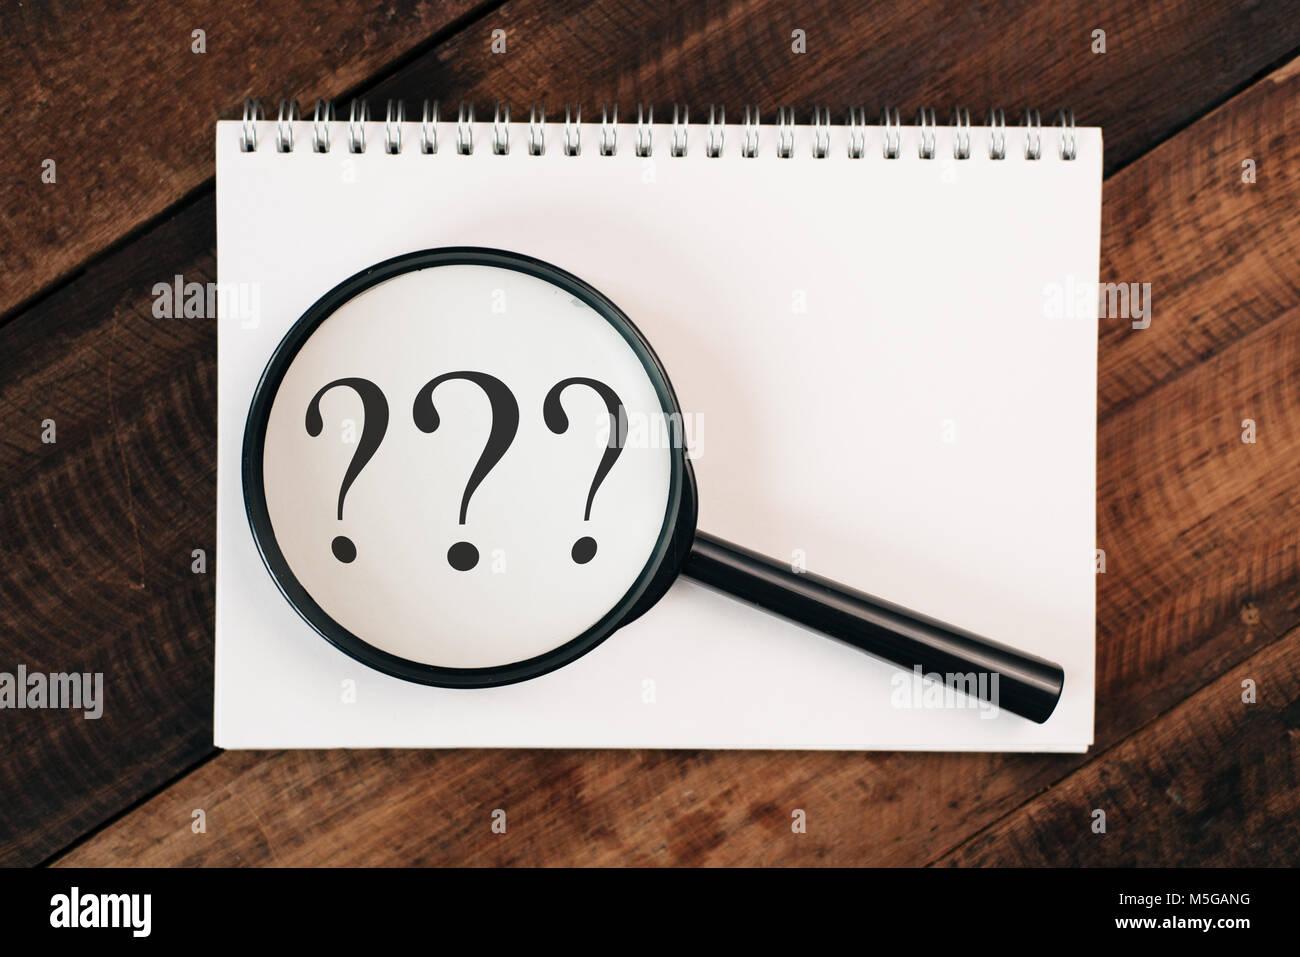 Lente di ingrandimento zoom in punto interrogativo sul portatile su un tavolo di legno. problema e concetto di ricerca Immagini Stock